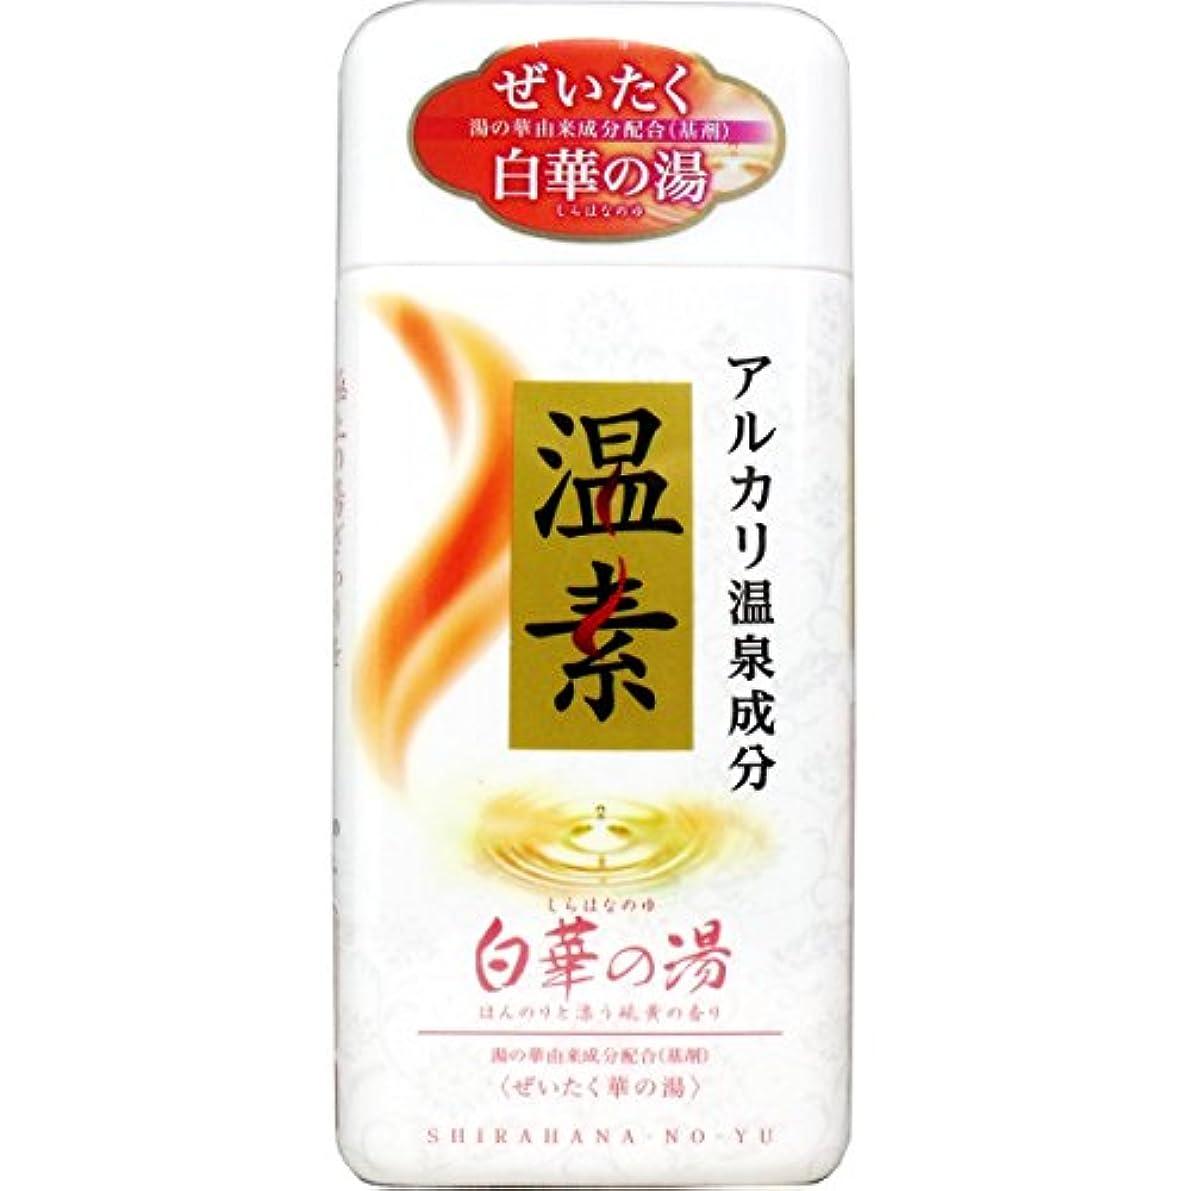 平行注釈を付ける統合する入浴剤 ぜいたく華の湯 リラックス用品 アルカリ温泉成分 温素 入浴剤 白華の湯 硫黄の香り 600g入